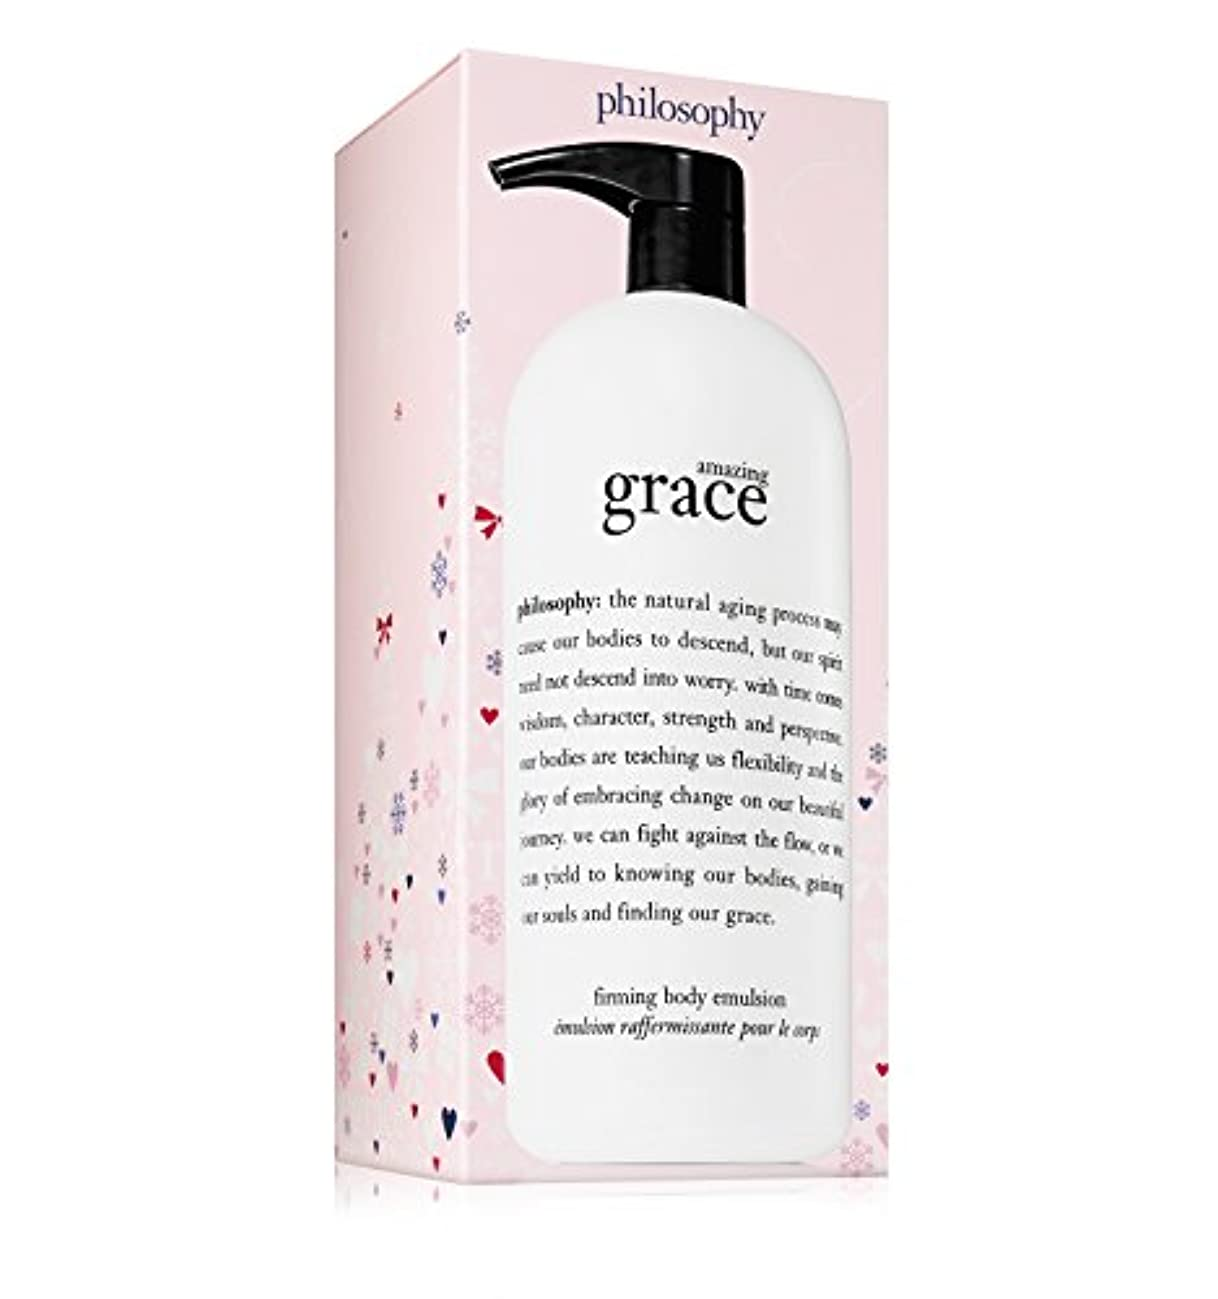 桁市区町村期待Philosophy - Amazing Grace Firming Body Emulsion Jumbo Limited Edition Holiday 2017